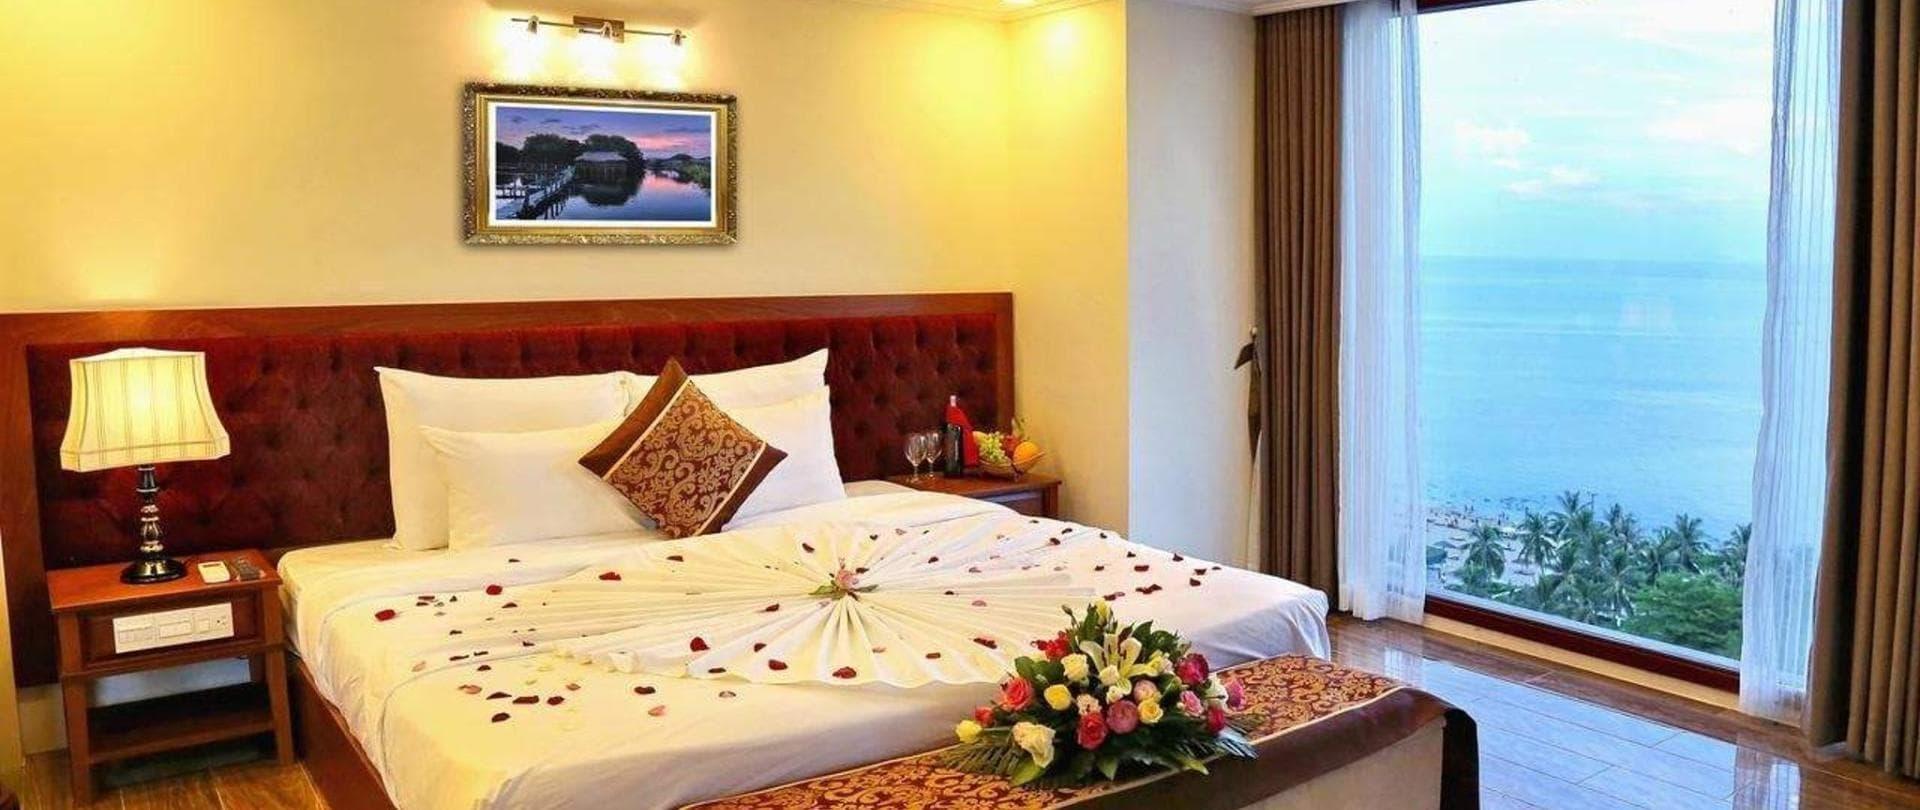 khách sạn 3 sao đường hùng vương nha trang